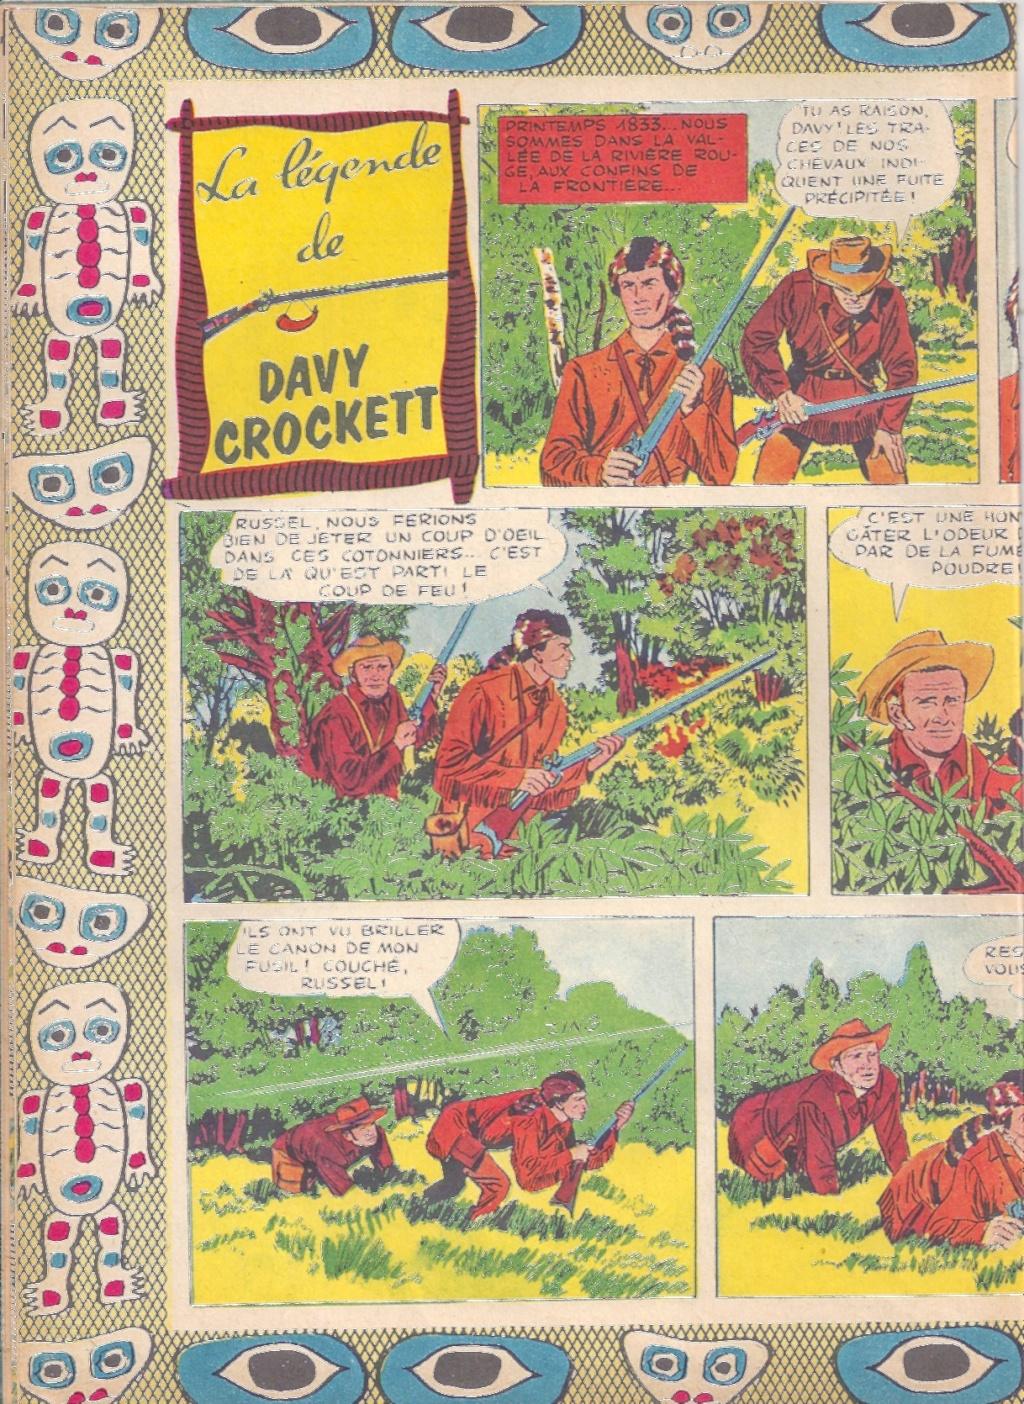 [Bandes dessinées] Jesse March (Davy Crockett, 20 000 Lieues Sous les Mers...) La_leg10